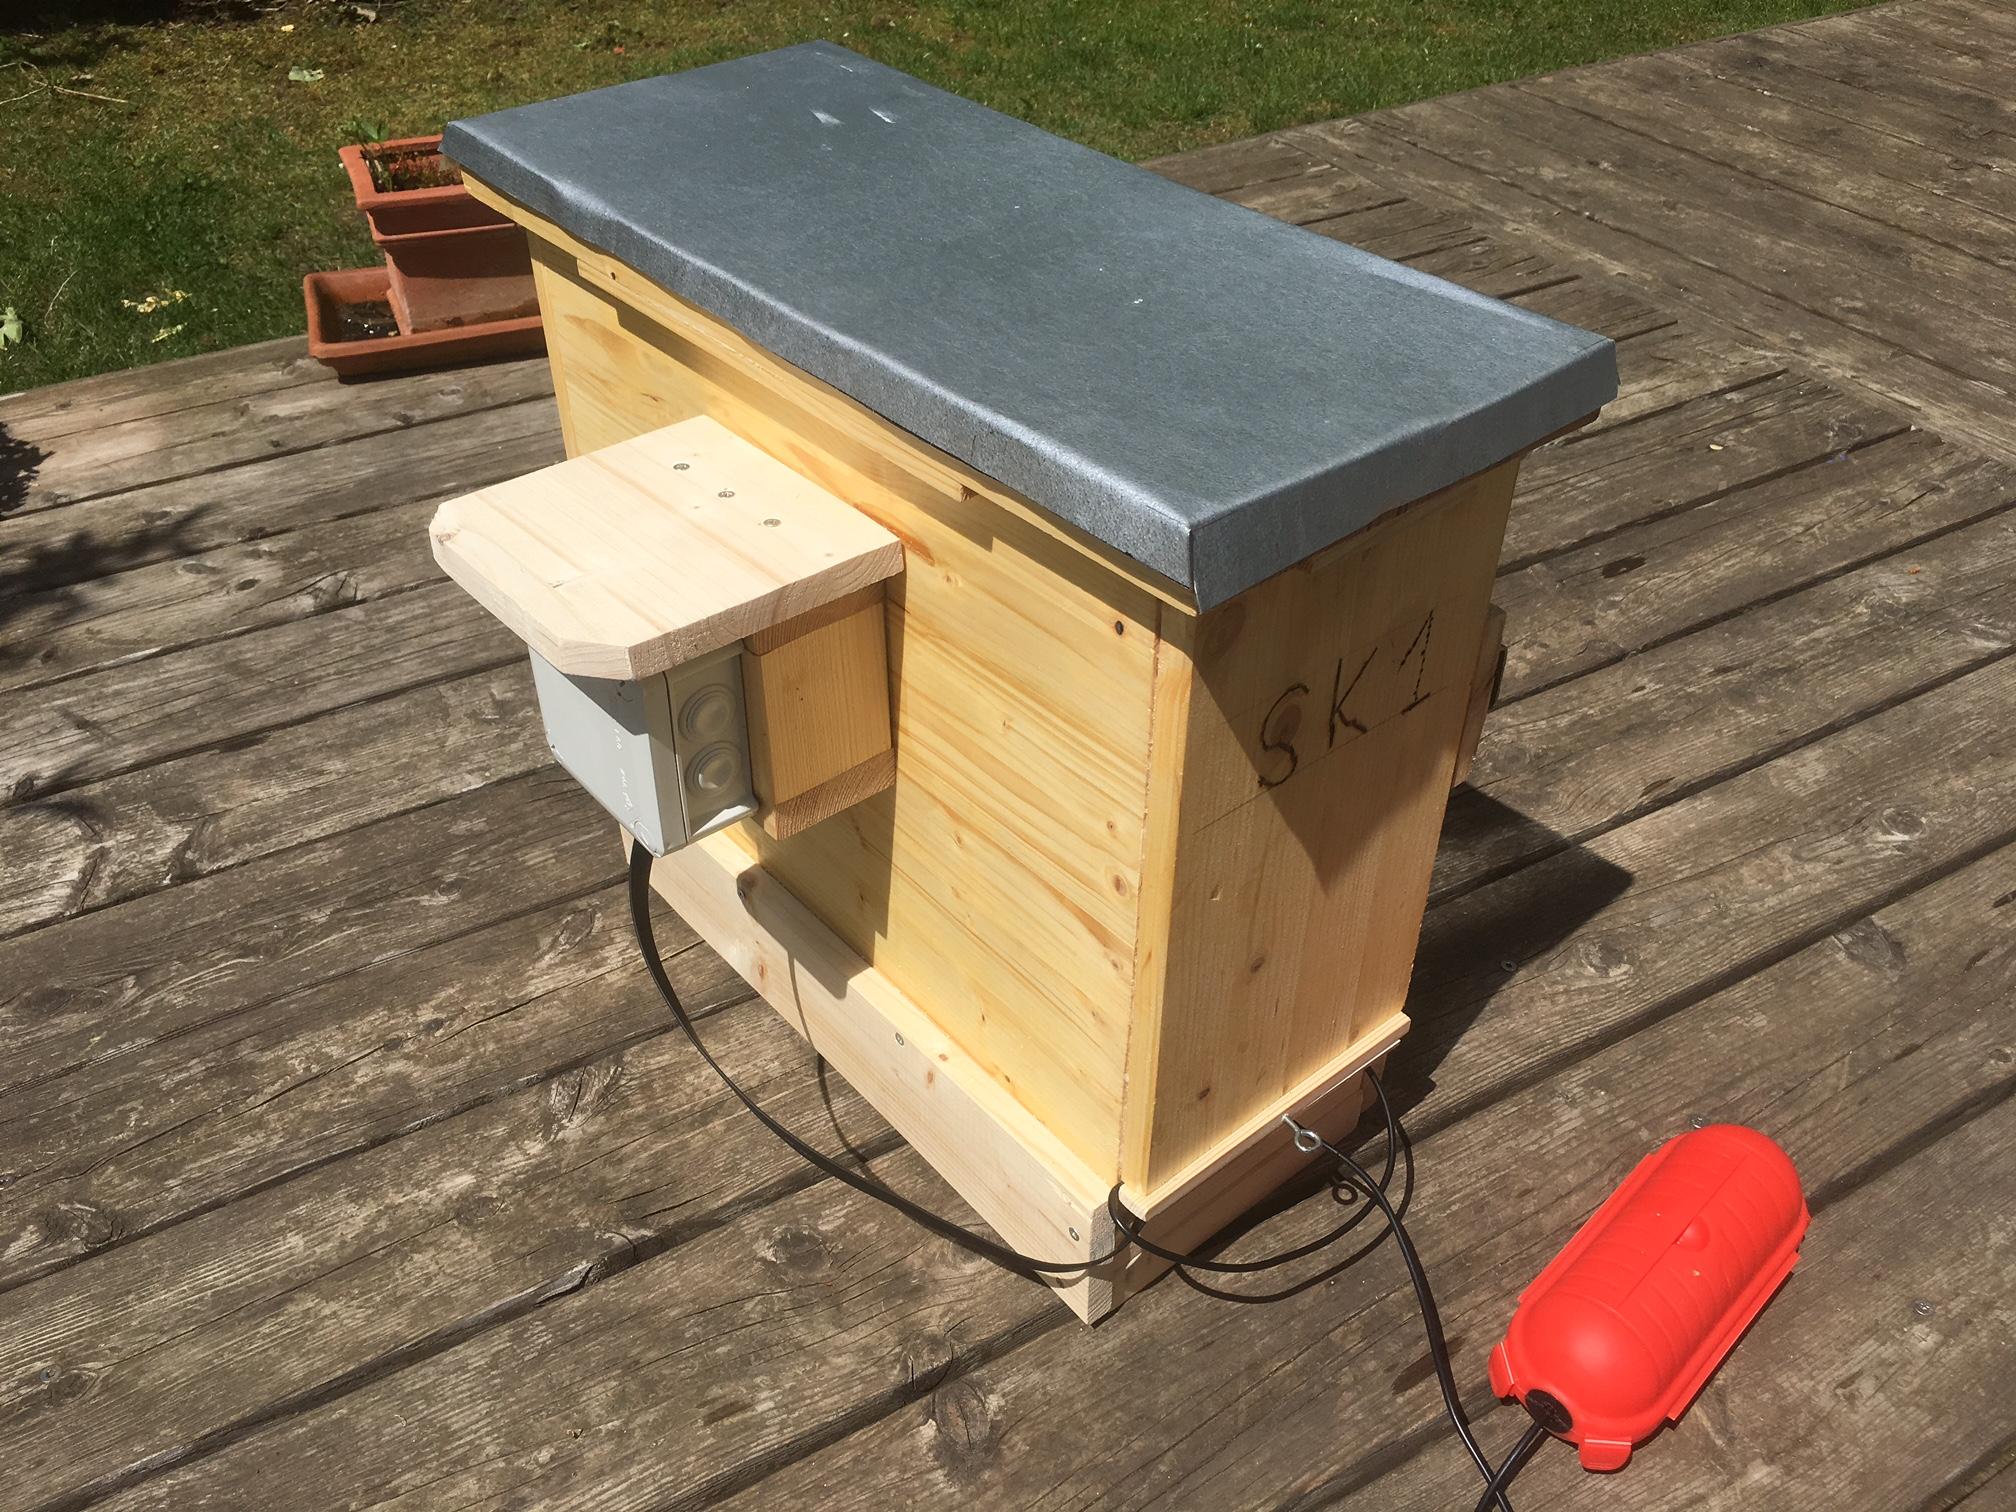 Hies Blog Rpi Projekte Bienen Imkerei